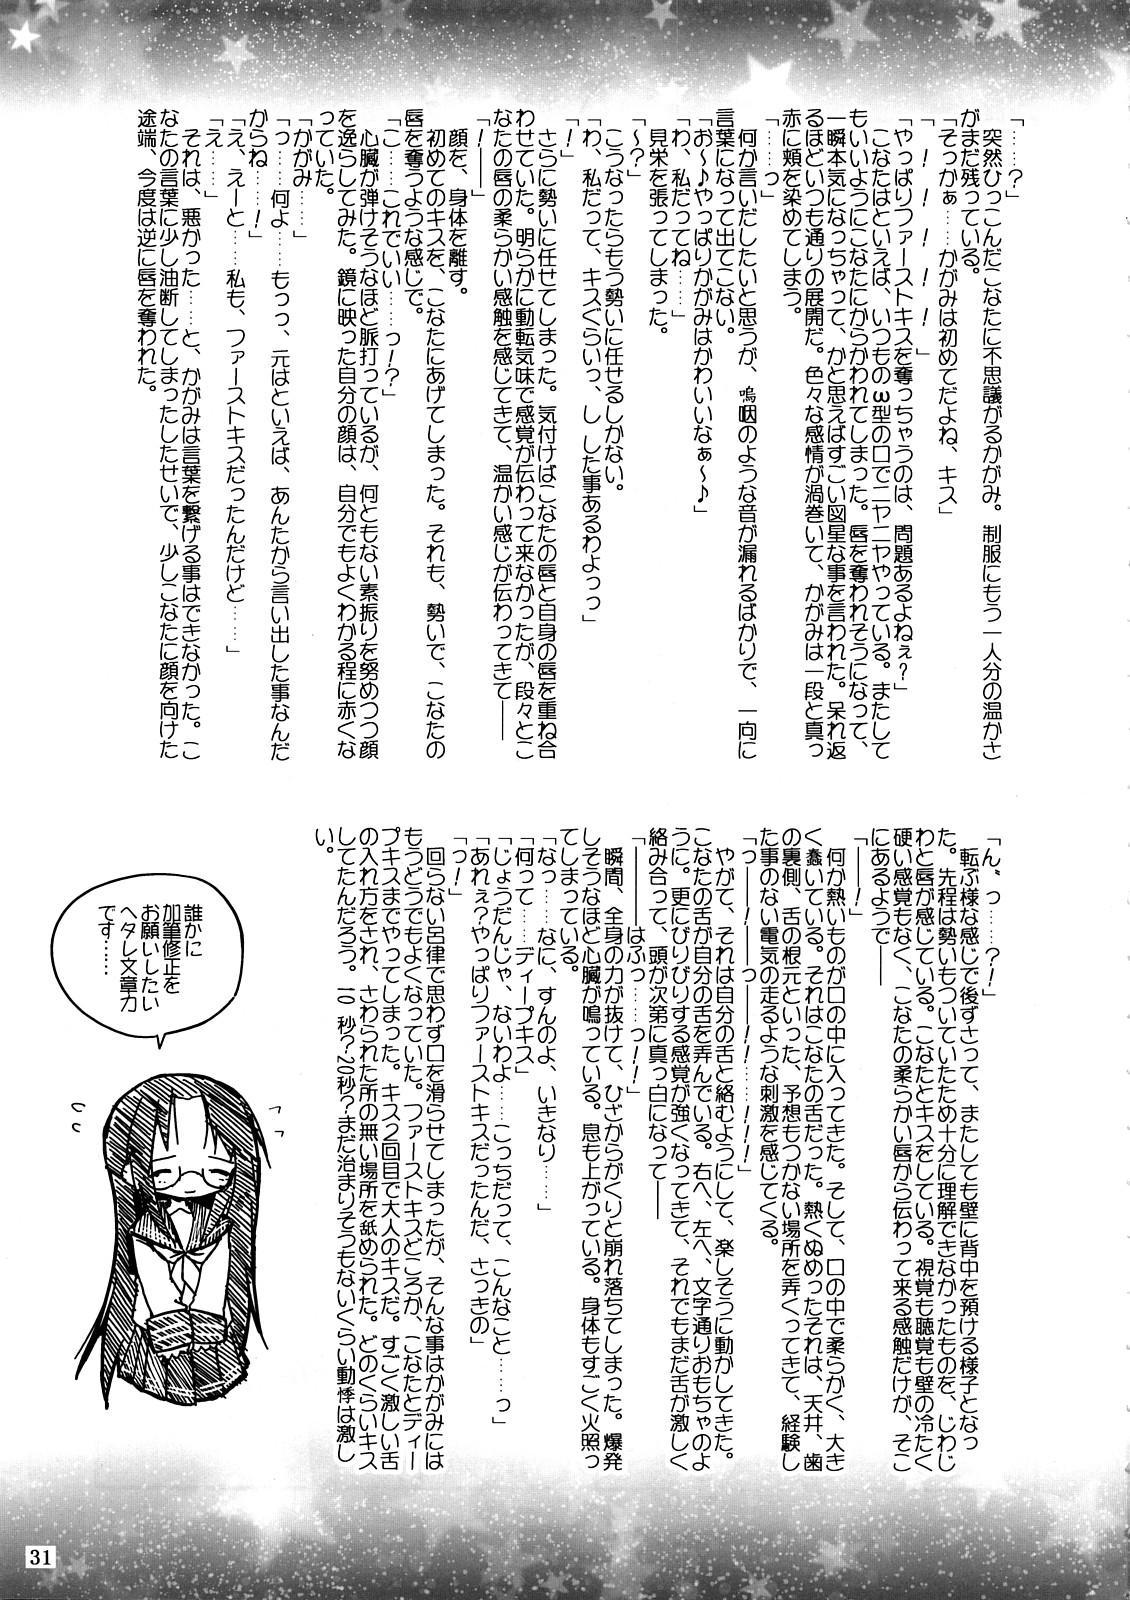 Hiiragi Shimai Aibu Manual 31